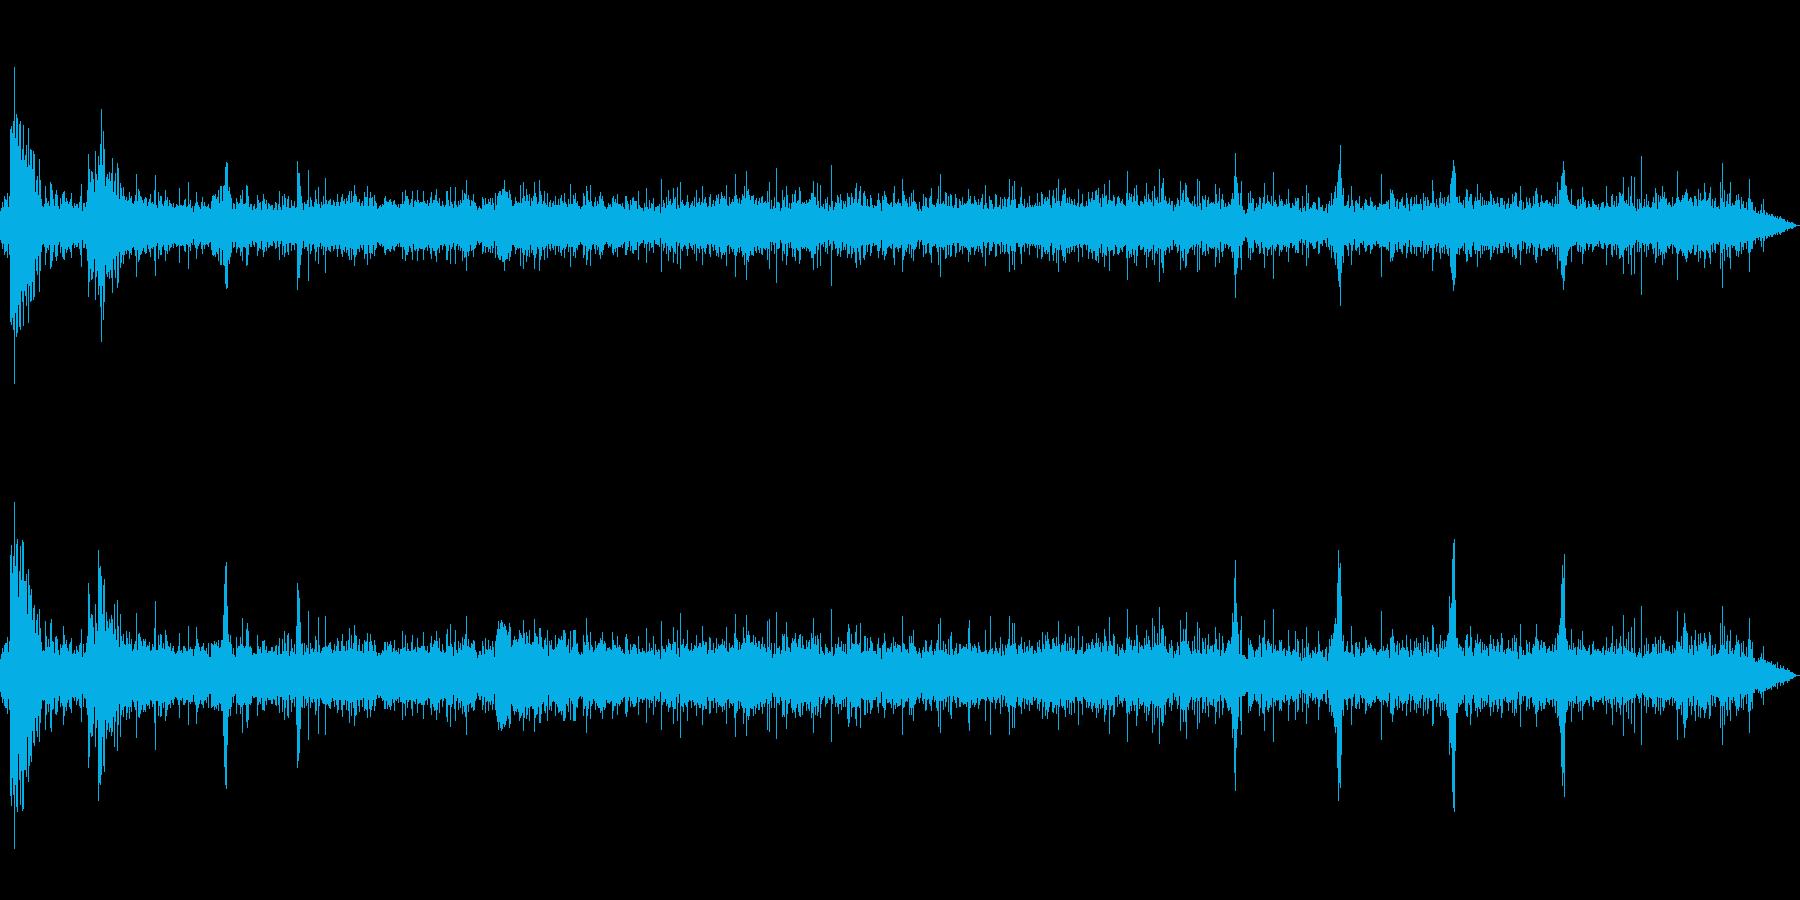 [空間録音]清流の流れる森02(初夏)の再生済みの波形